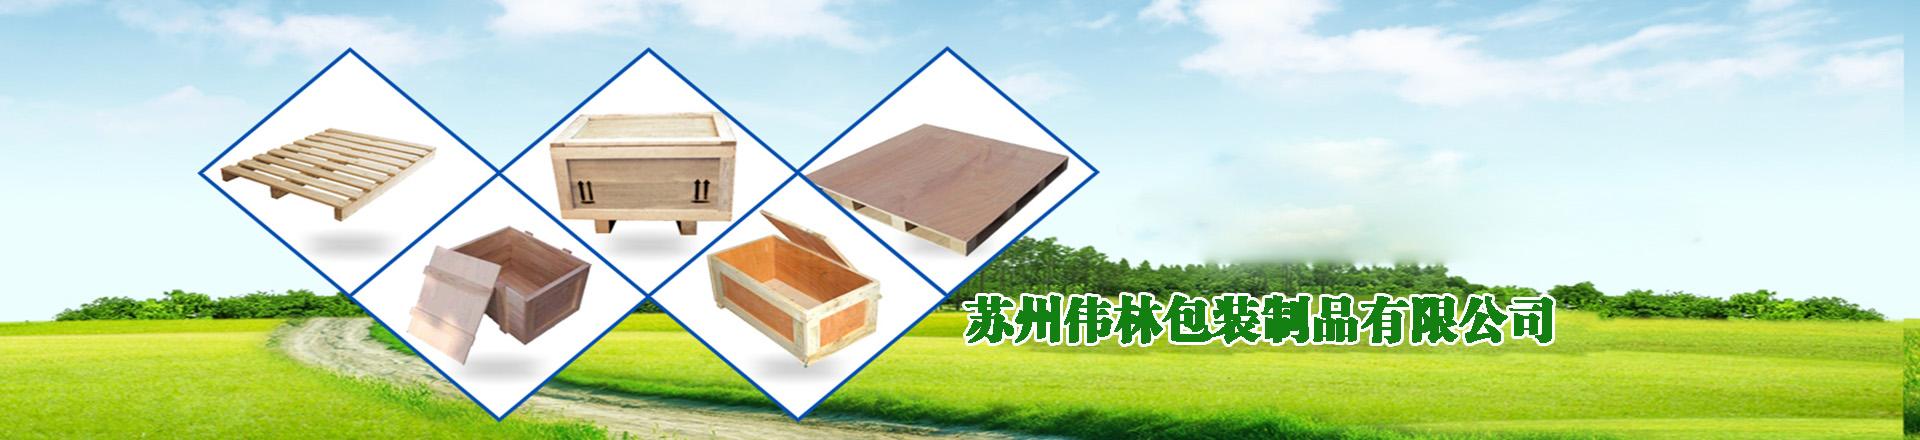 苏州木箱厂